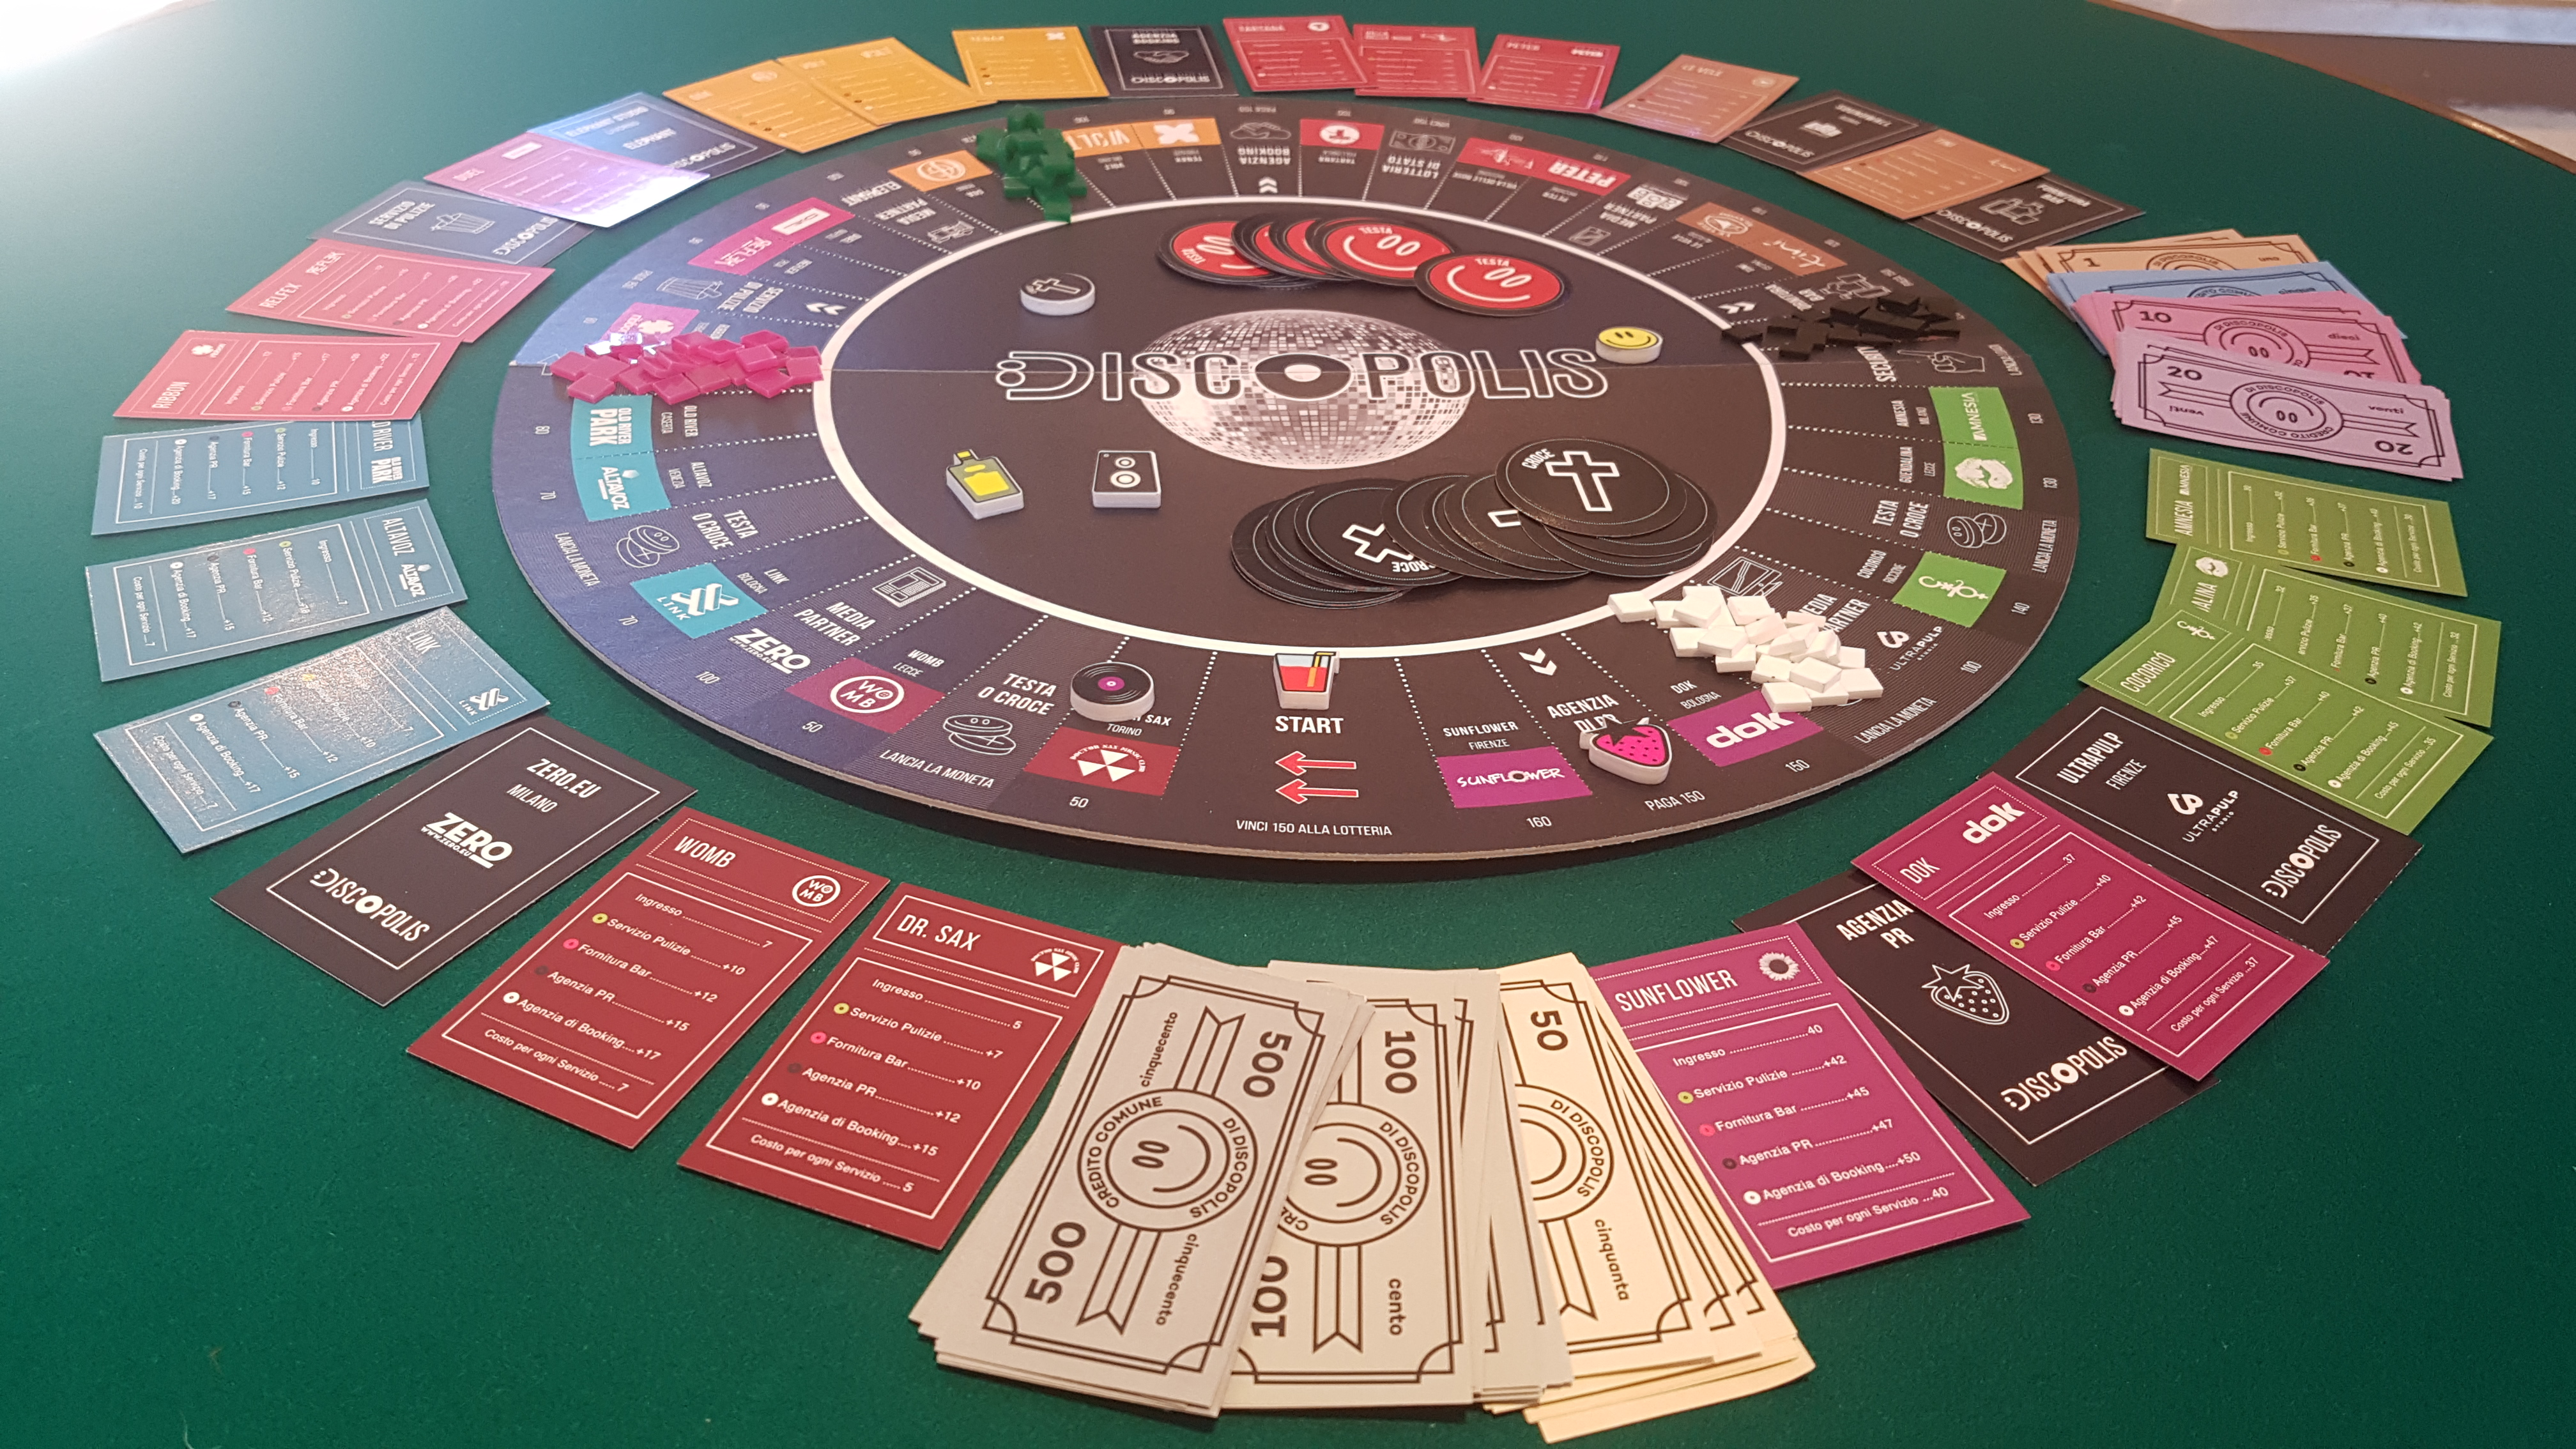 Tavoli Da Locali Pubblici : Discopolis il primo e unico gioco da tavolo delle discoteche zero